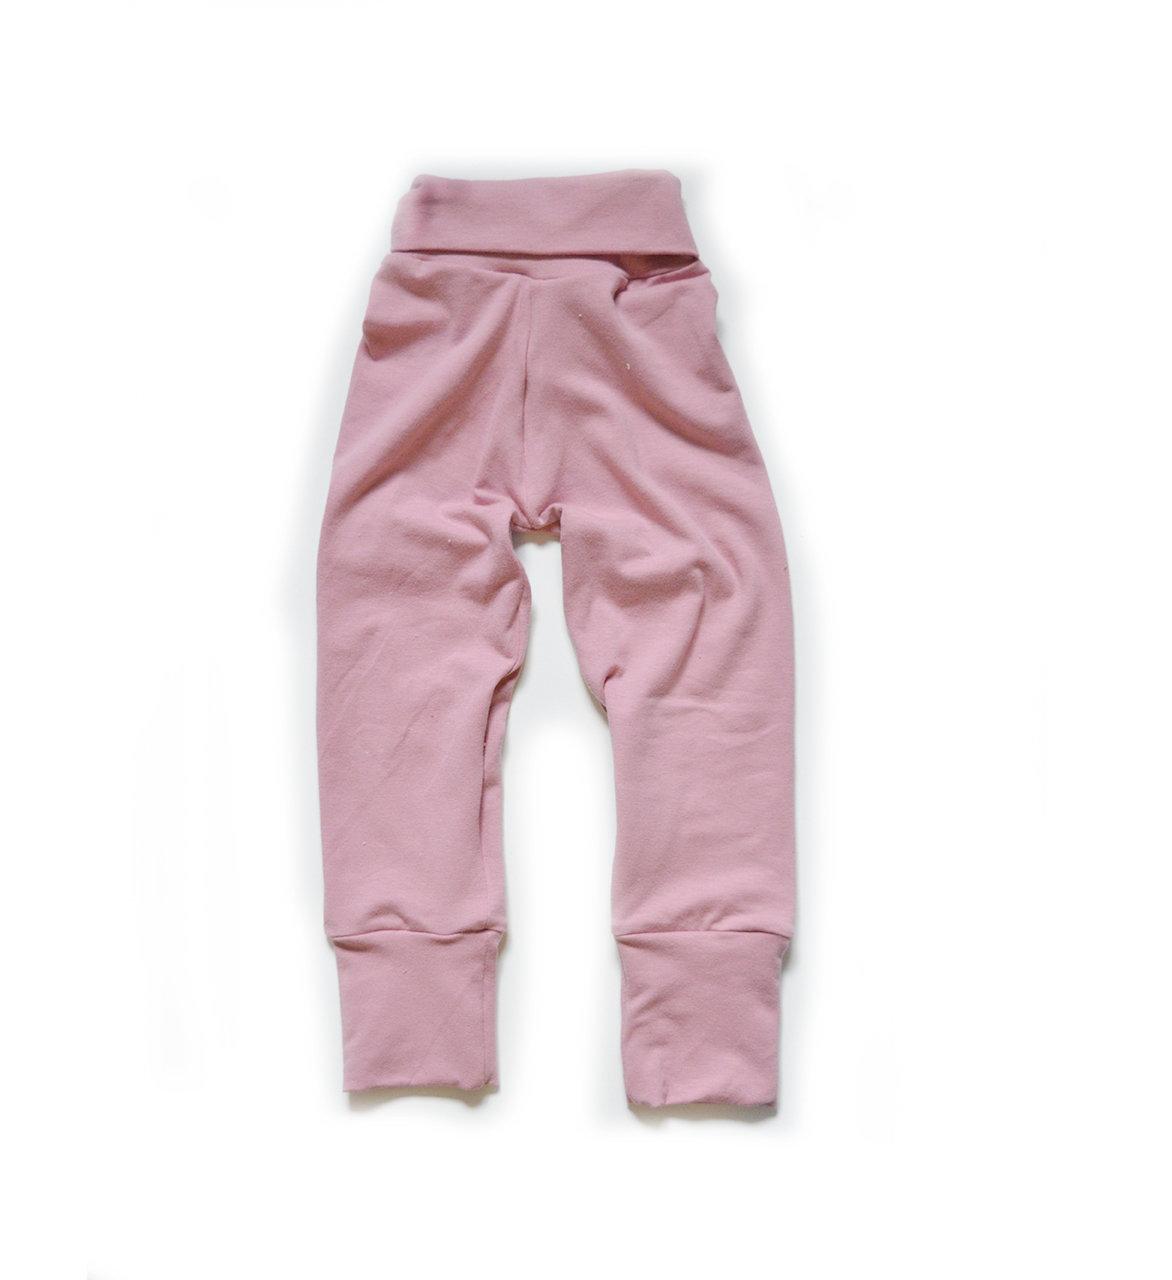 G3 Little Sprout Pants™ Dusty Rose - Cotton Lycra 00414